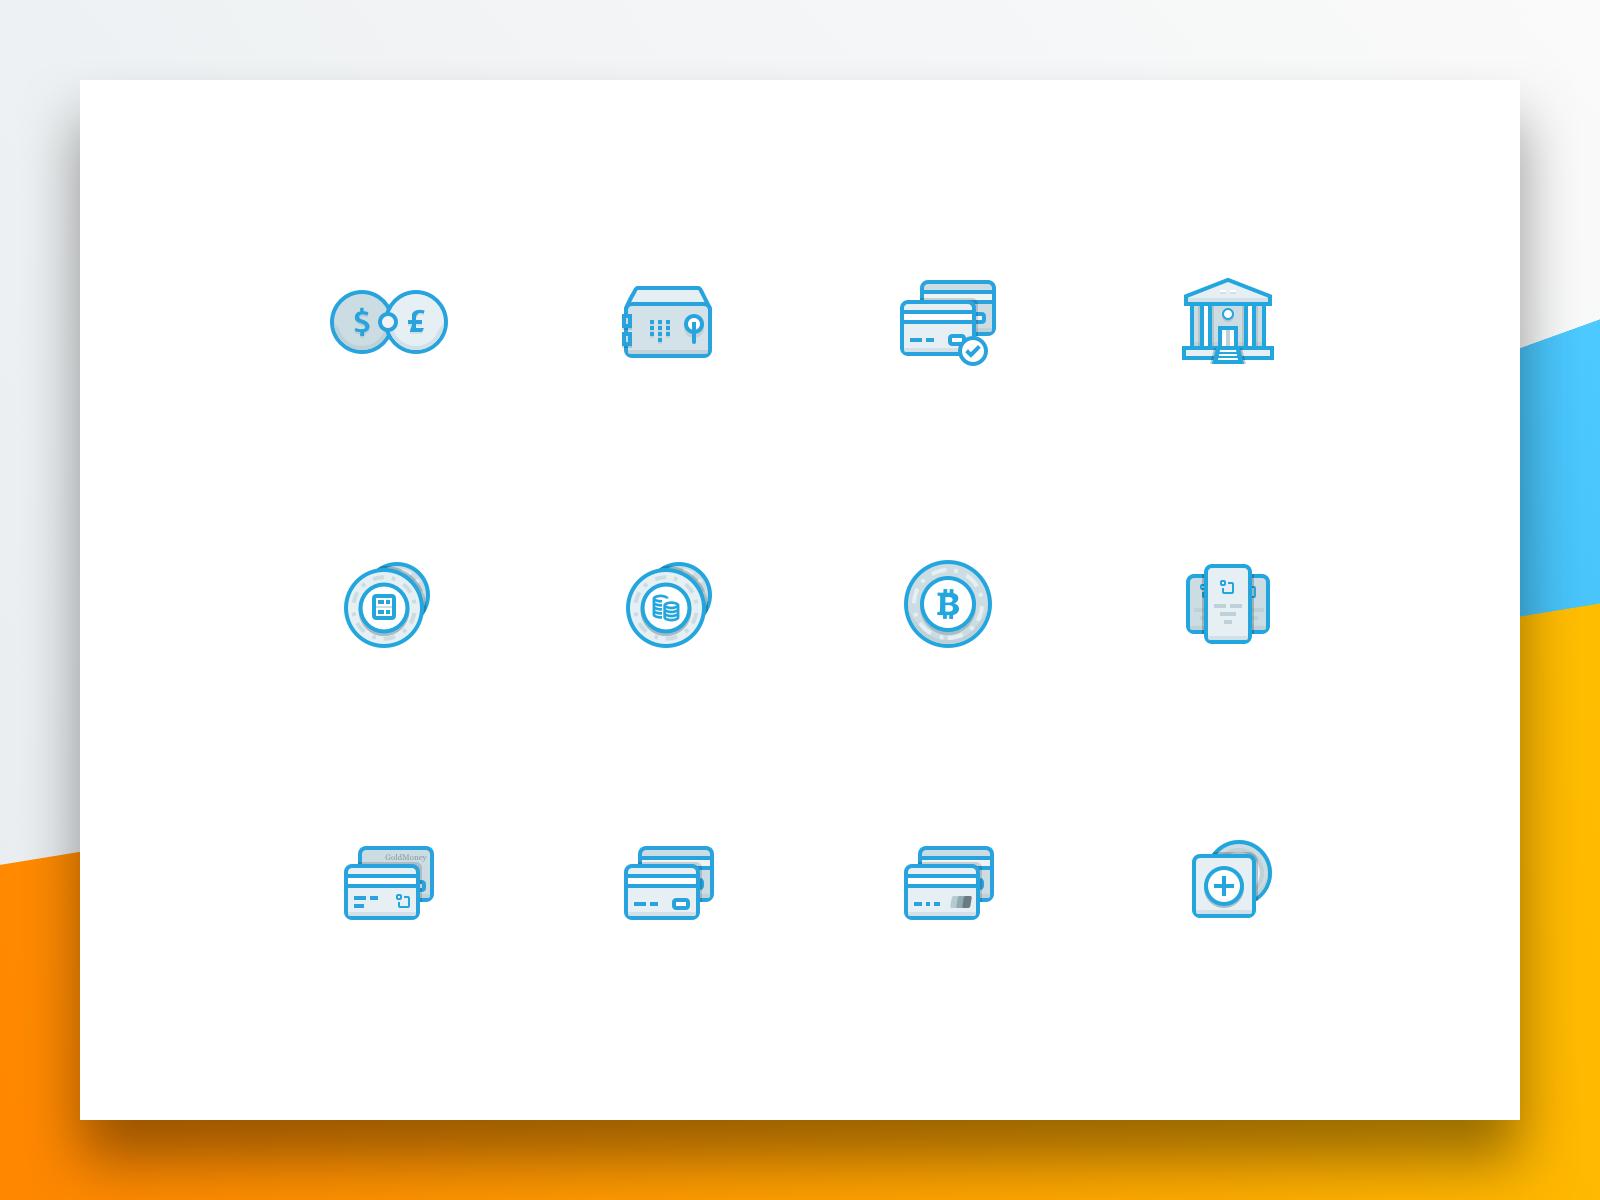 Bg icons 2x